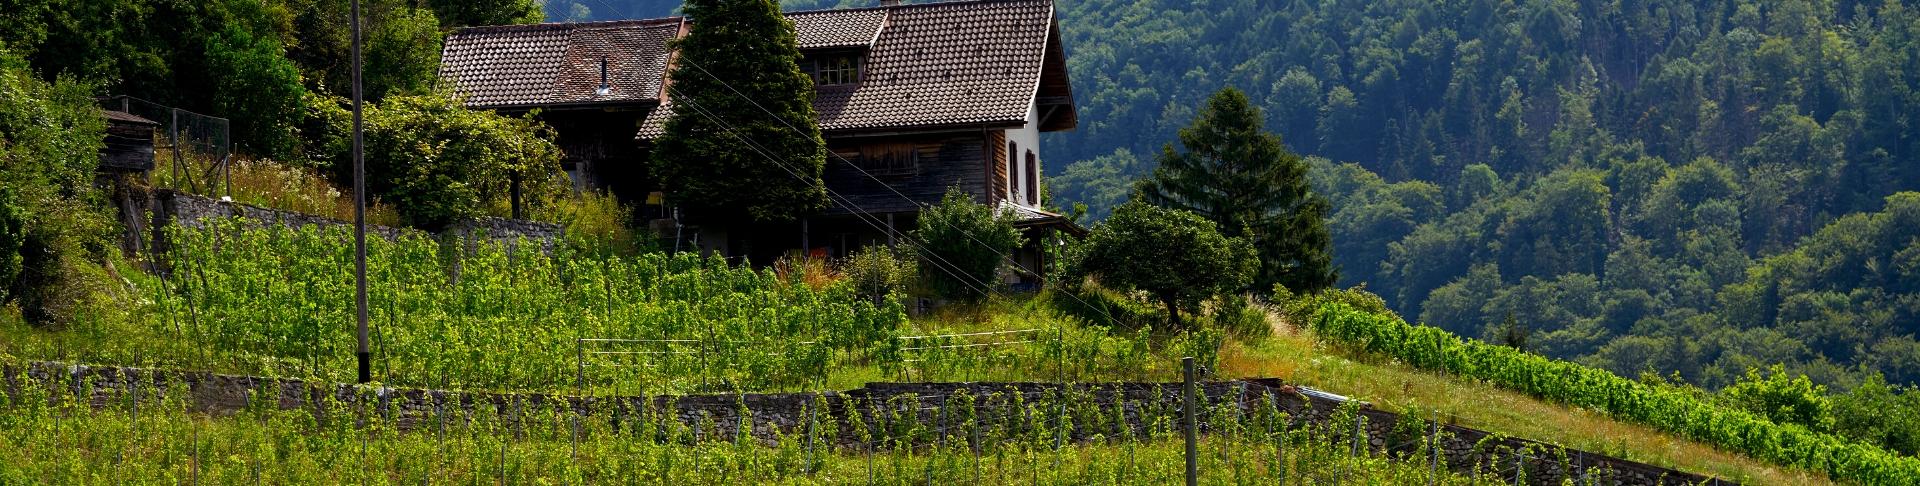 Savoie & Jura | Achat de vins groupé